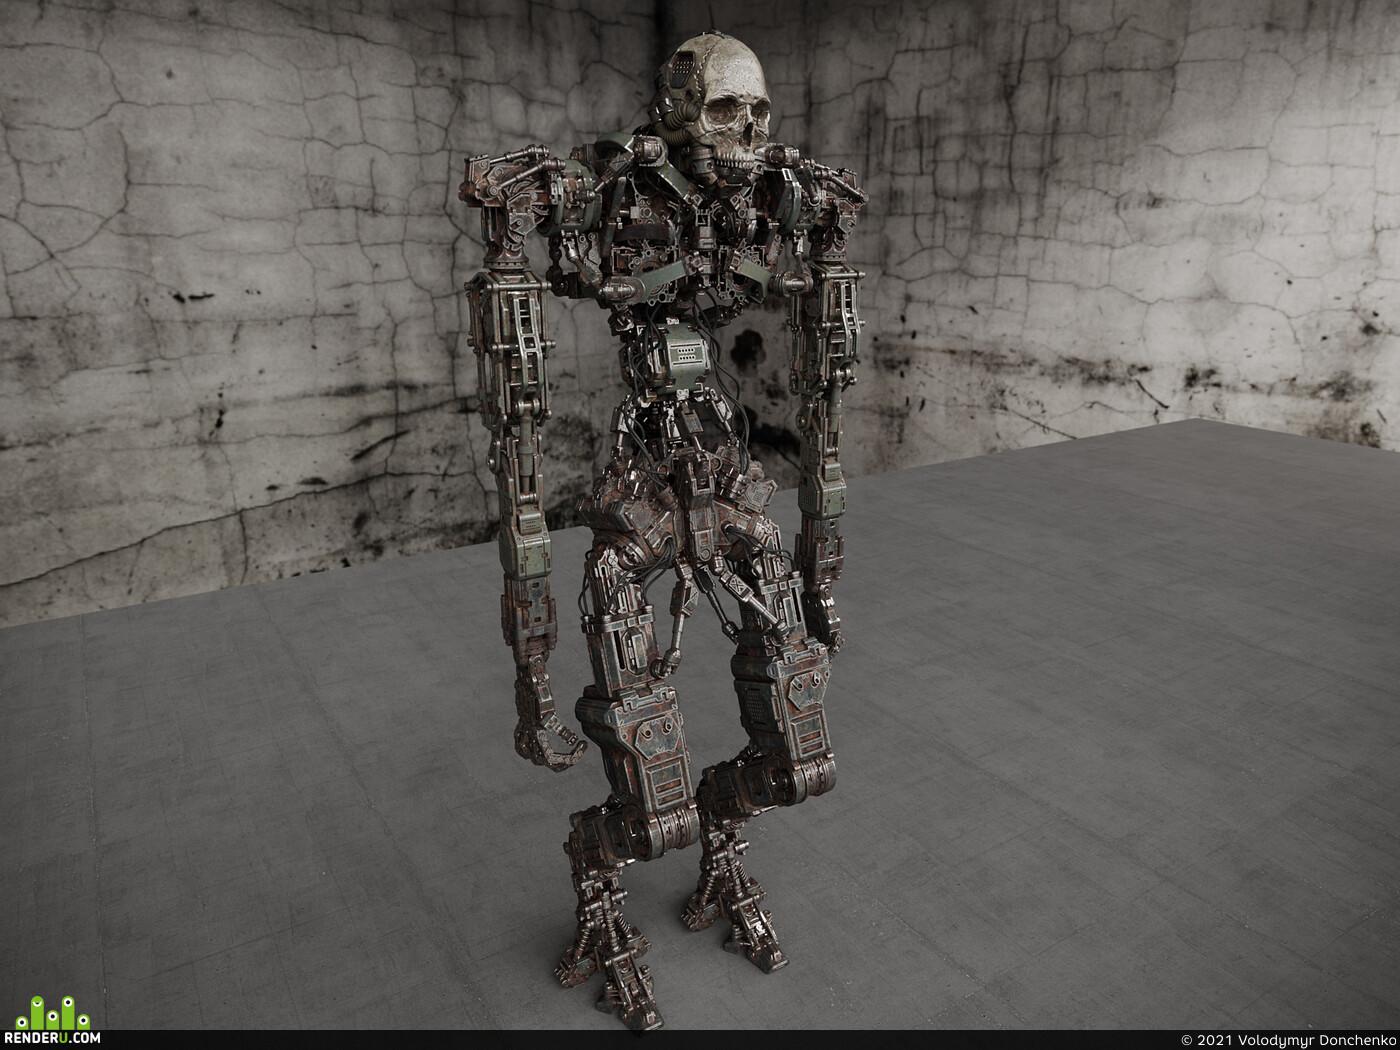 робот, научная фантастика, футуристический, кибер, киберпанк, кинематографический, военный, голограмма, персонаж, дизайн